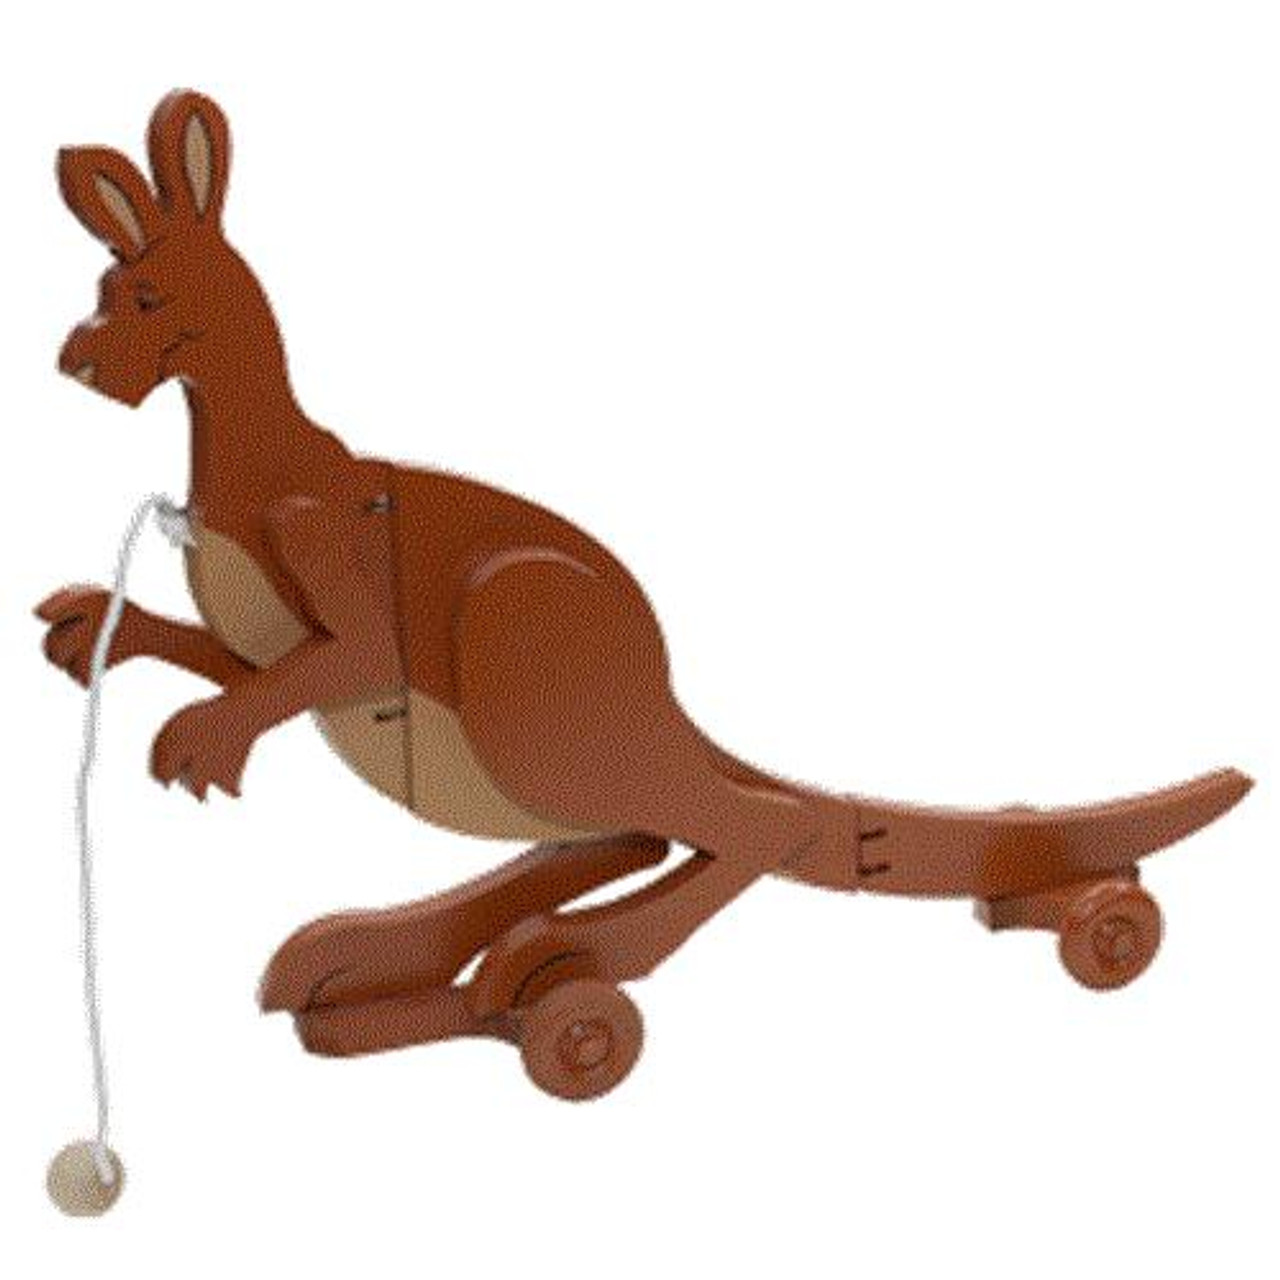 Cherry Tree Toys Kangaroo Wiggle Toy Plan